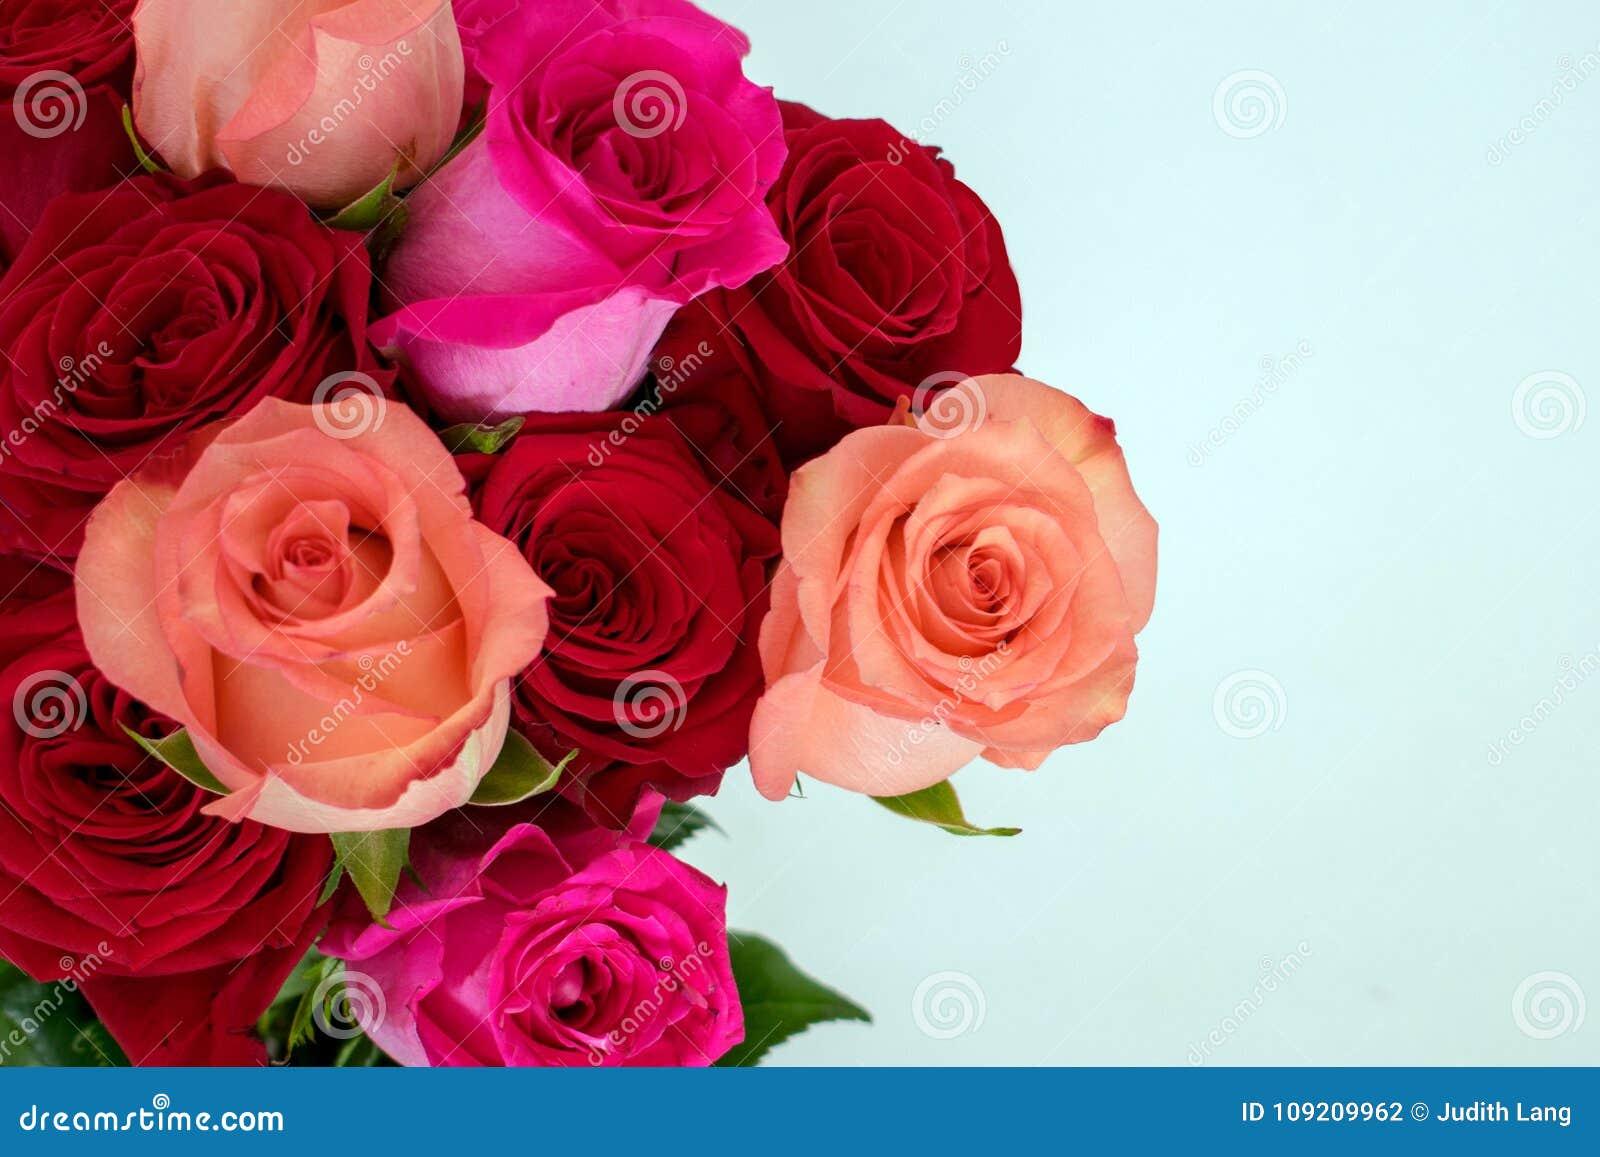 Ανθοδέσμη των κόκκινων και ρόδινων τριαντάφυλλων στο αριστερό στο λευκό